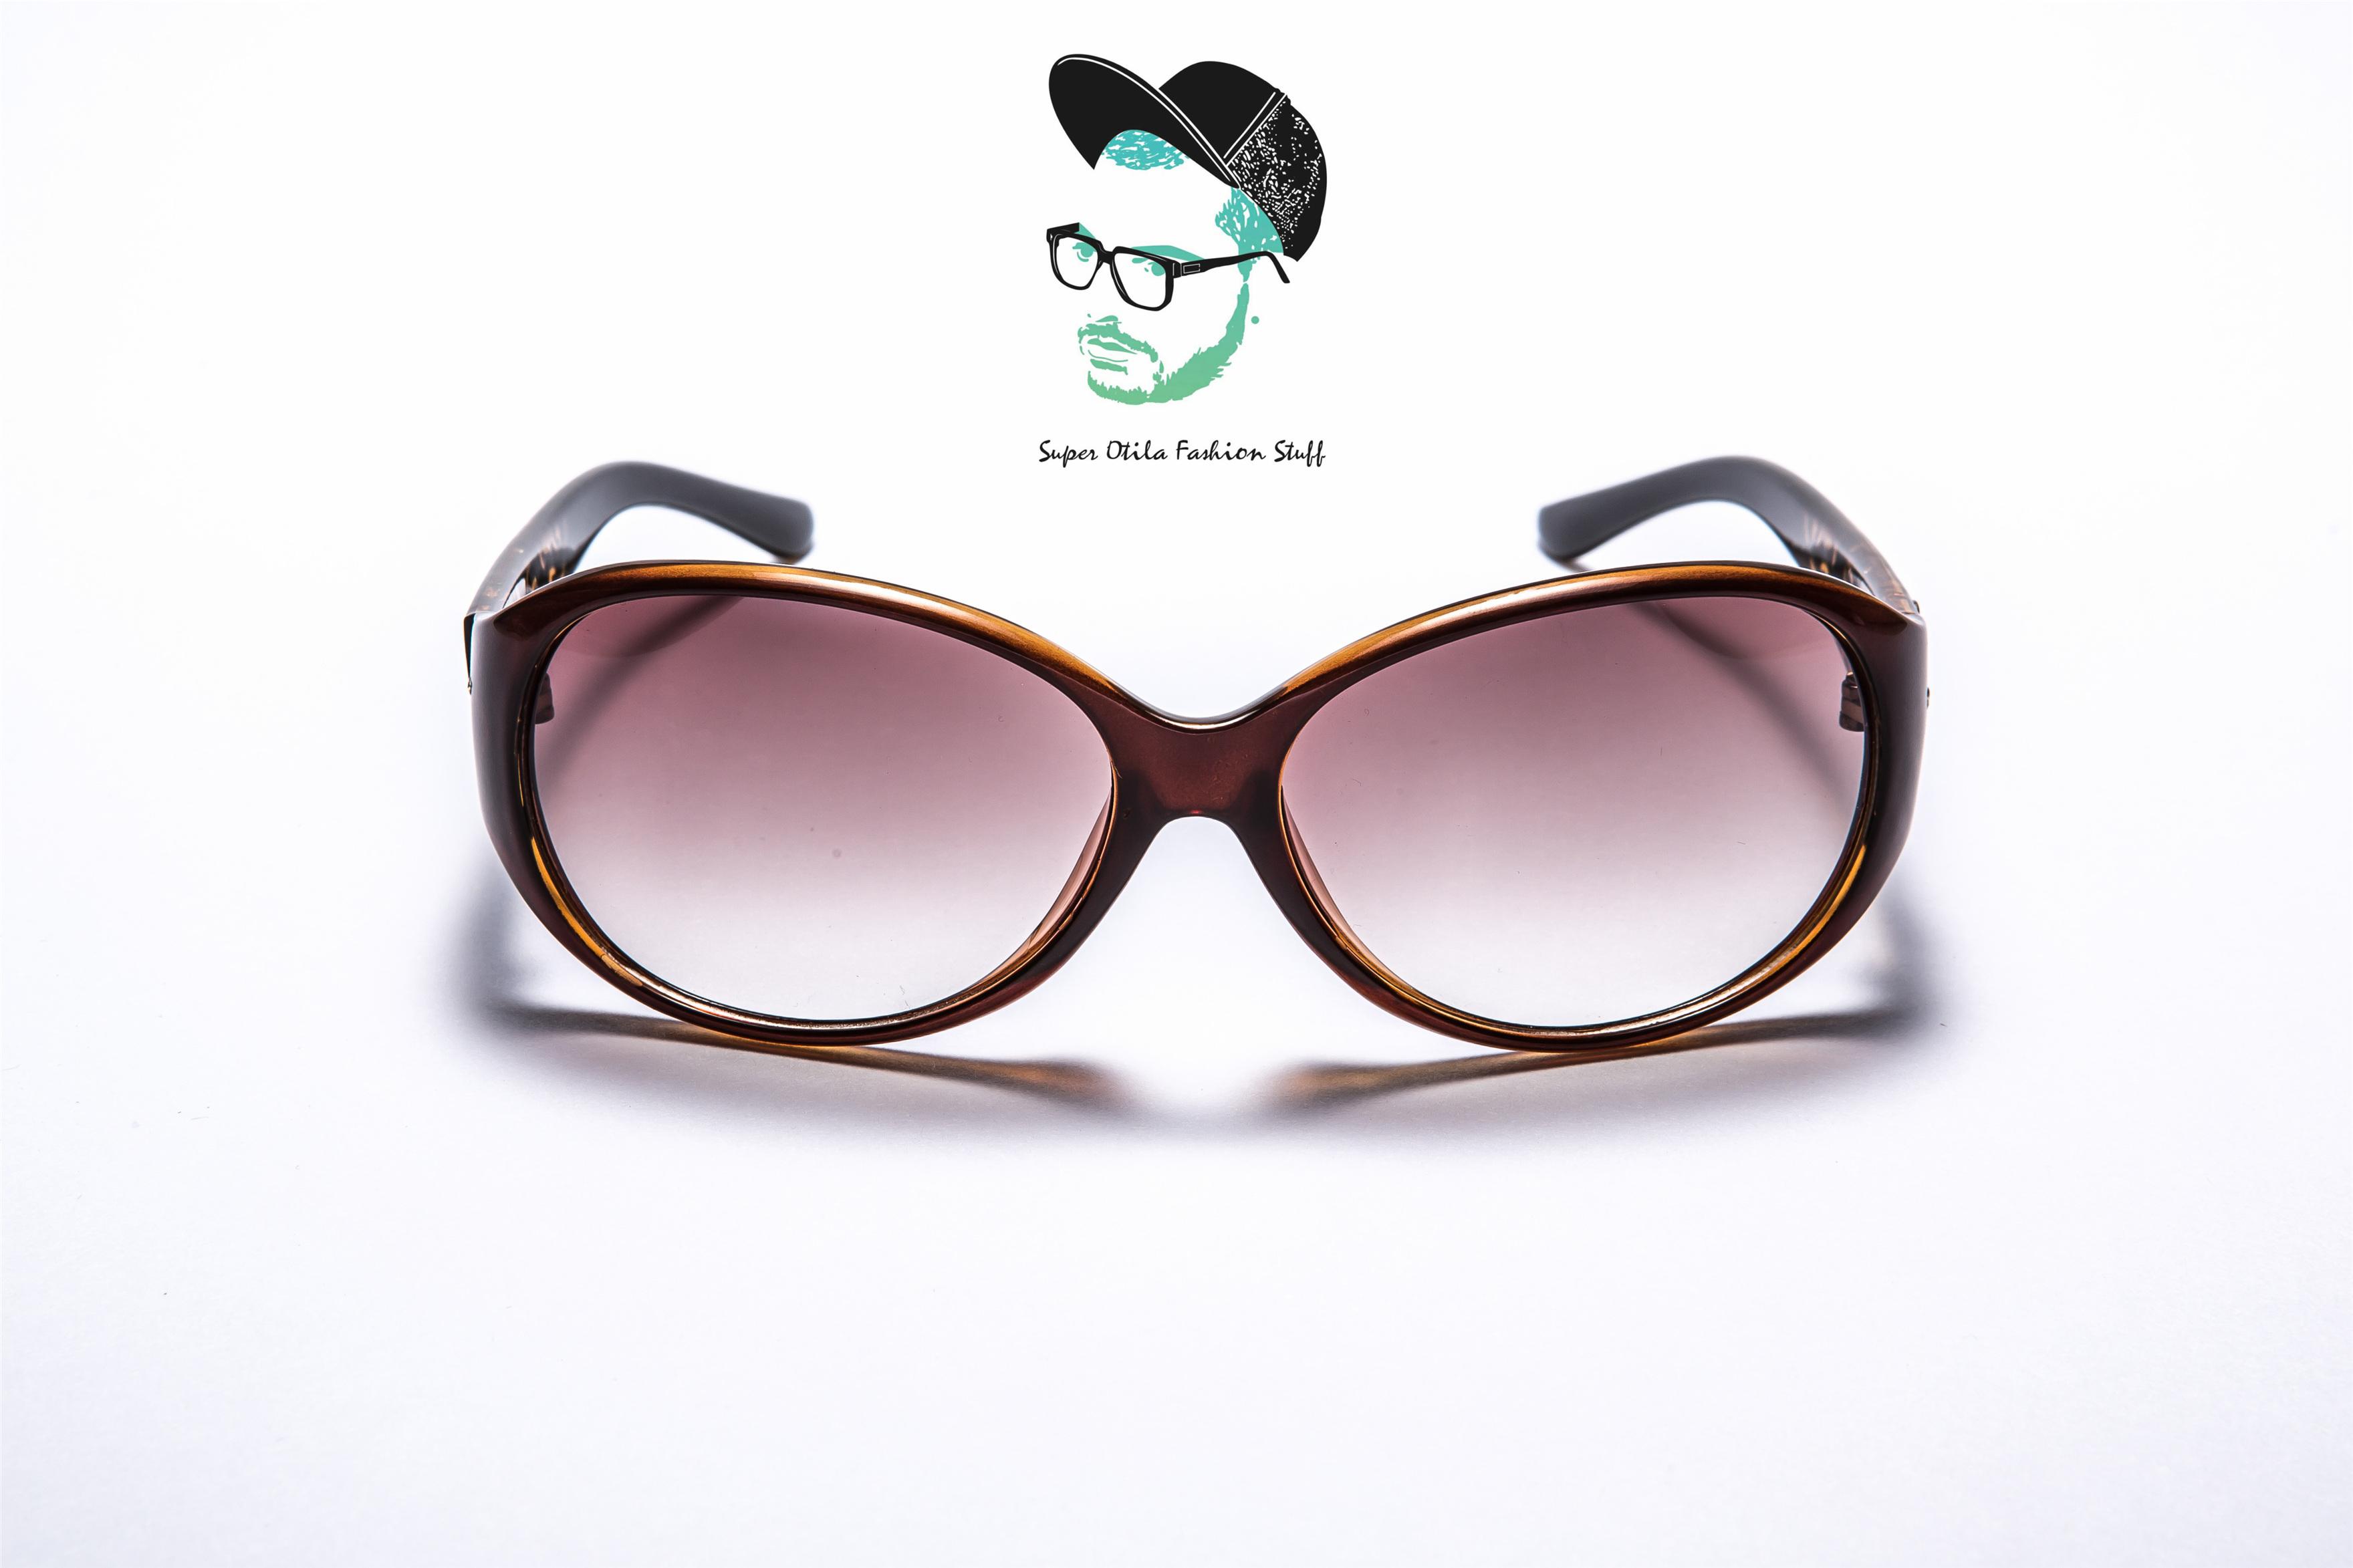 太陽眼鏡 墨鏡 眼鏡  韓國 super otila 【624】繽紛綻放花朵-茶玳瑁